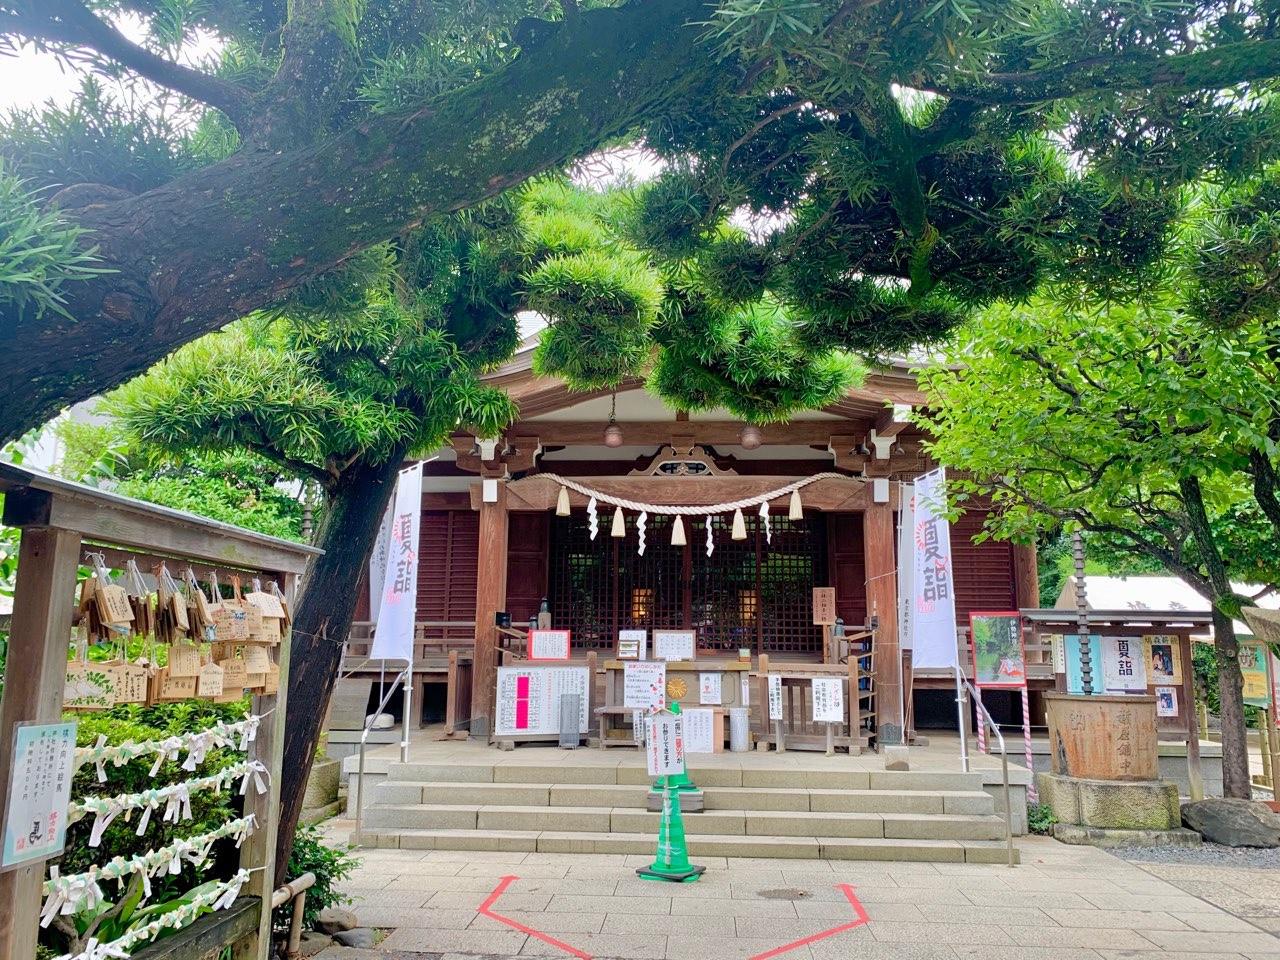 パワースポット㉙鳩森八幡神社(東京都渋谷区千駄ヶ谷)